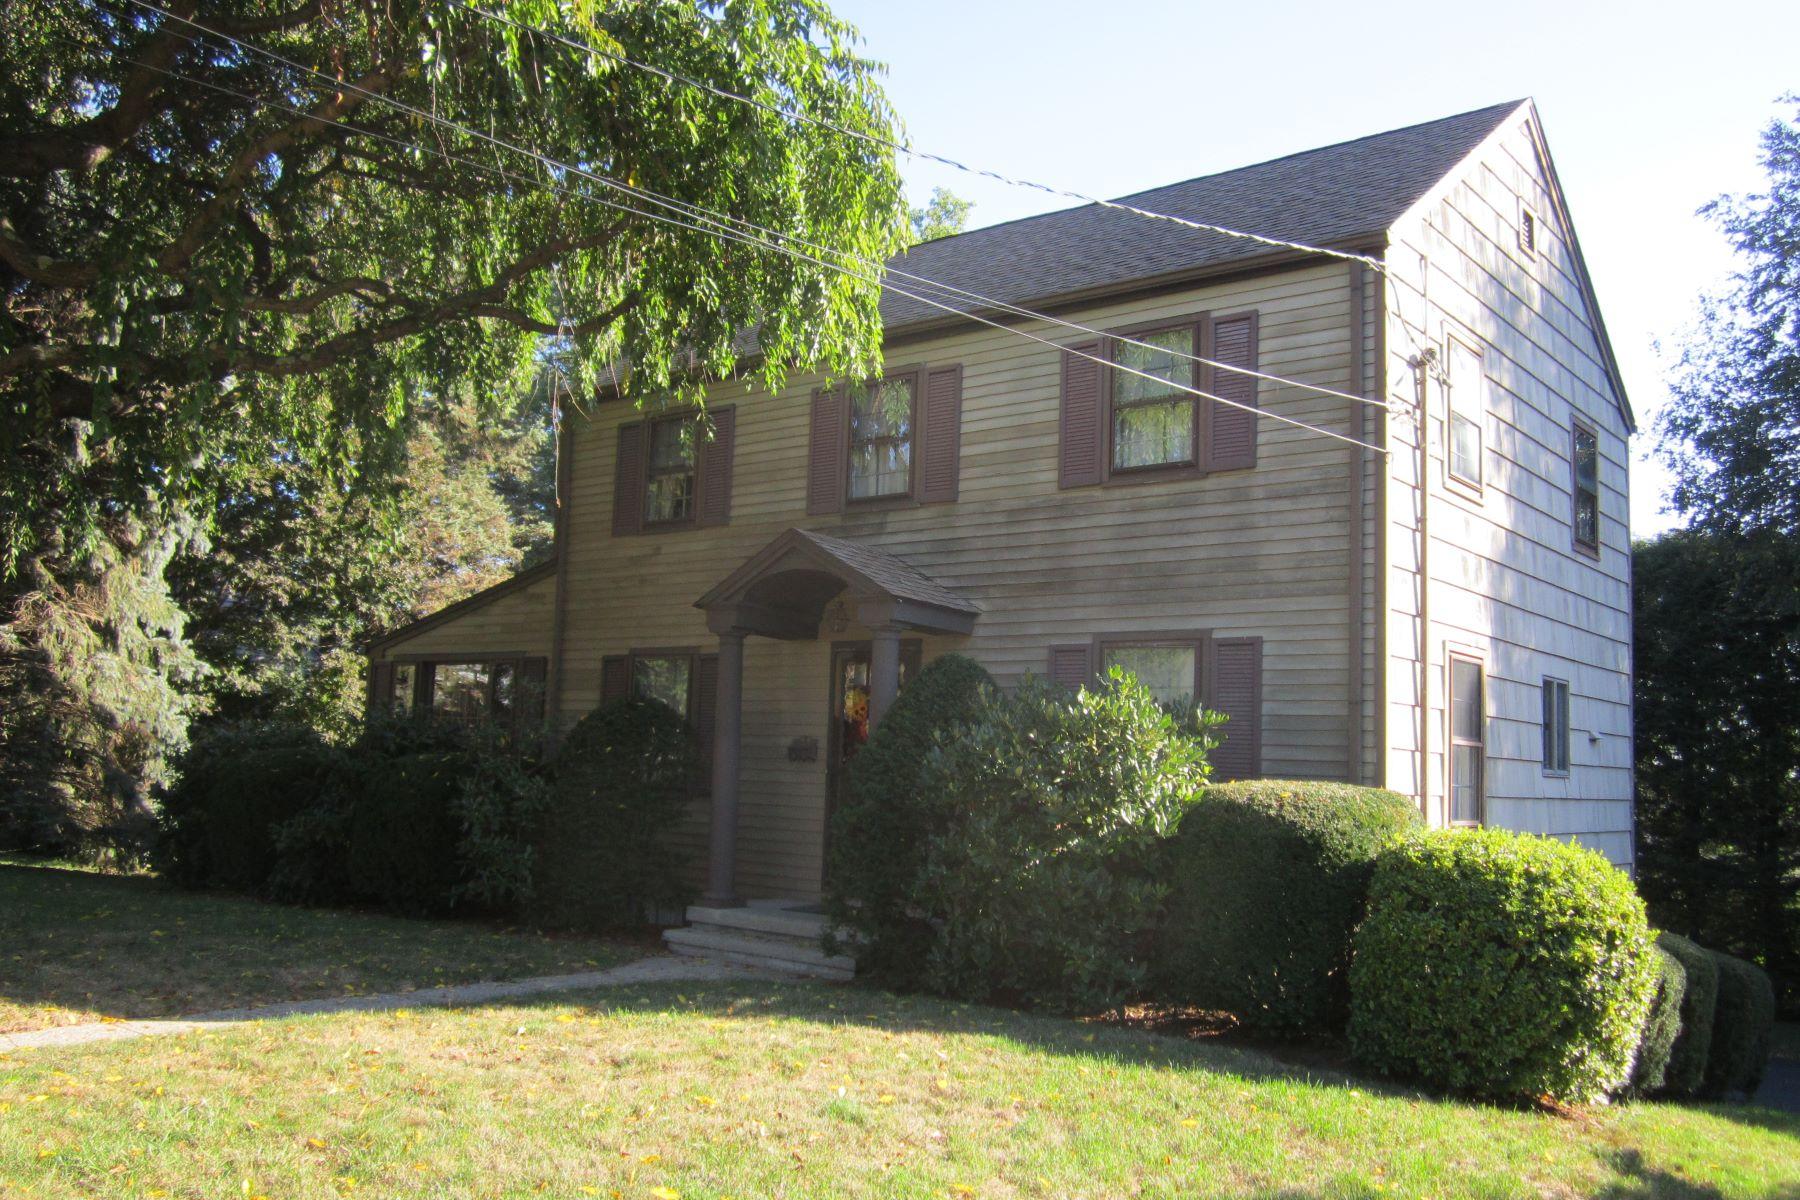 Частный односемейный дом для того Продажа на New England Colonial 354 Hilltop Drive Stratford, Коннектикут 06614 Соединенные Штаты